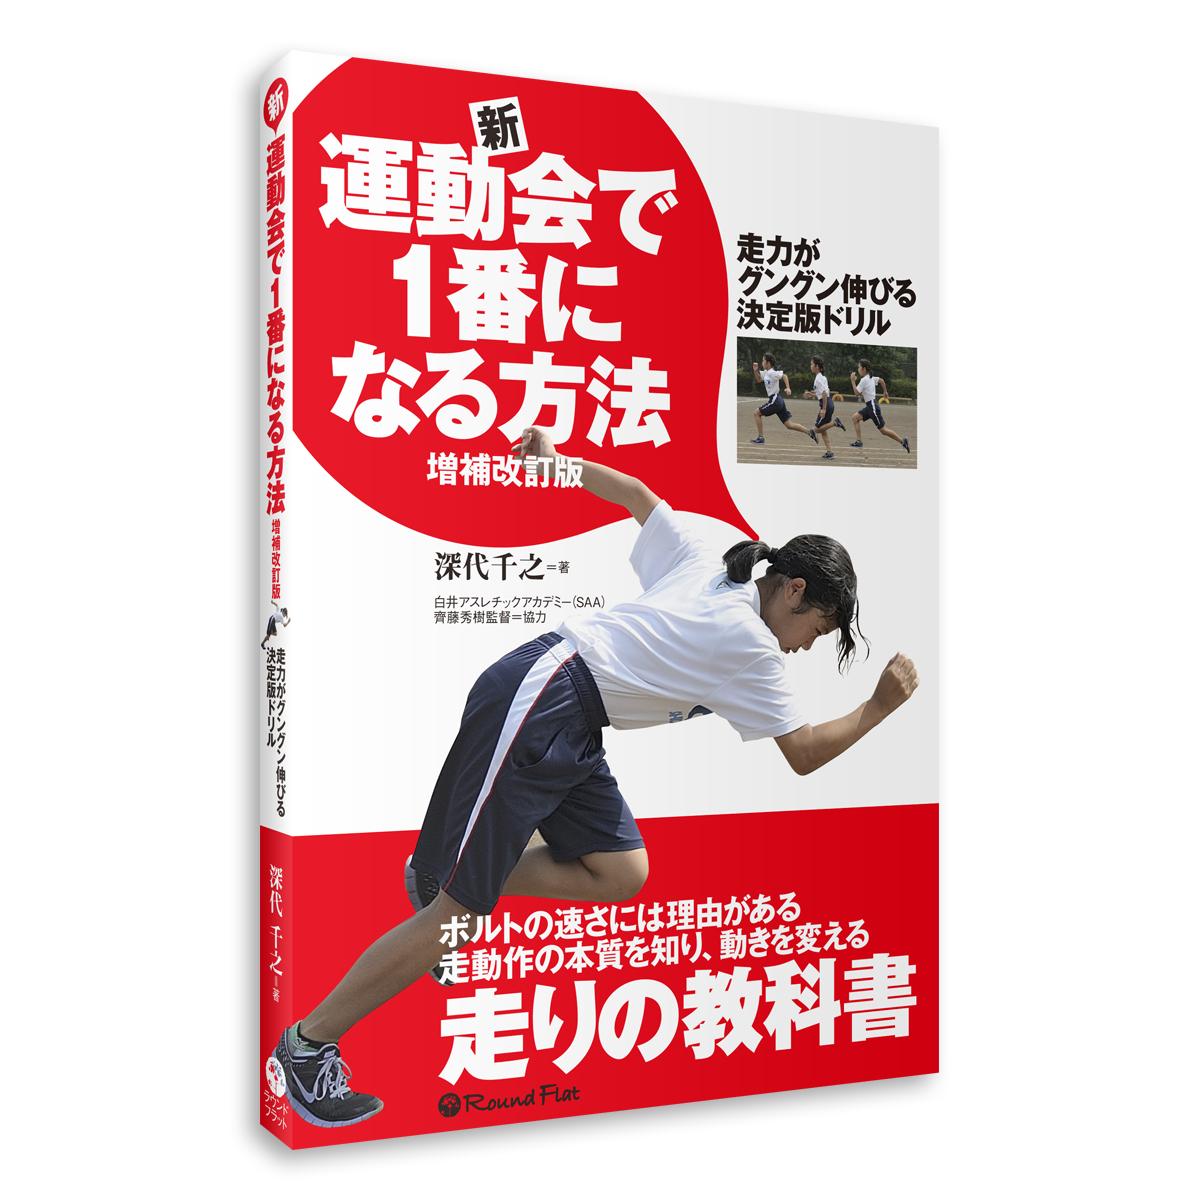 初回限定 もっと速く走りたい そんな願いをかなえる アウトレット 書籍 新 キャンペーン 日本製 深代千之 増補改訂版 運動会で1番になる方法 送料無料